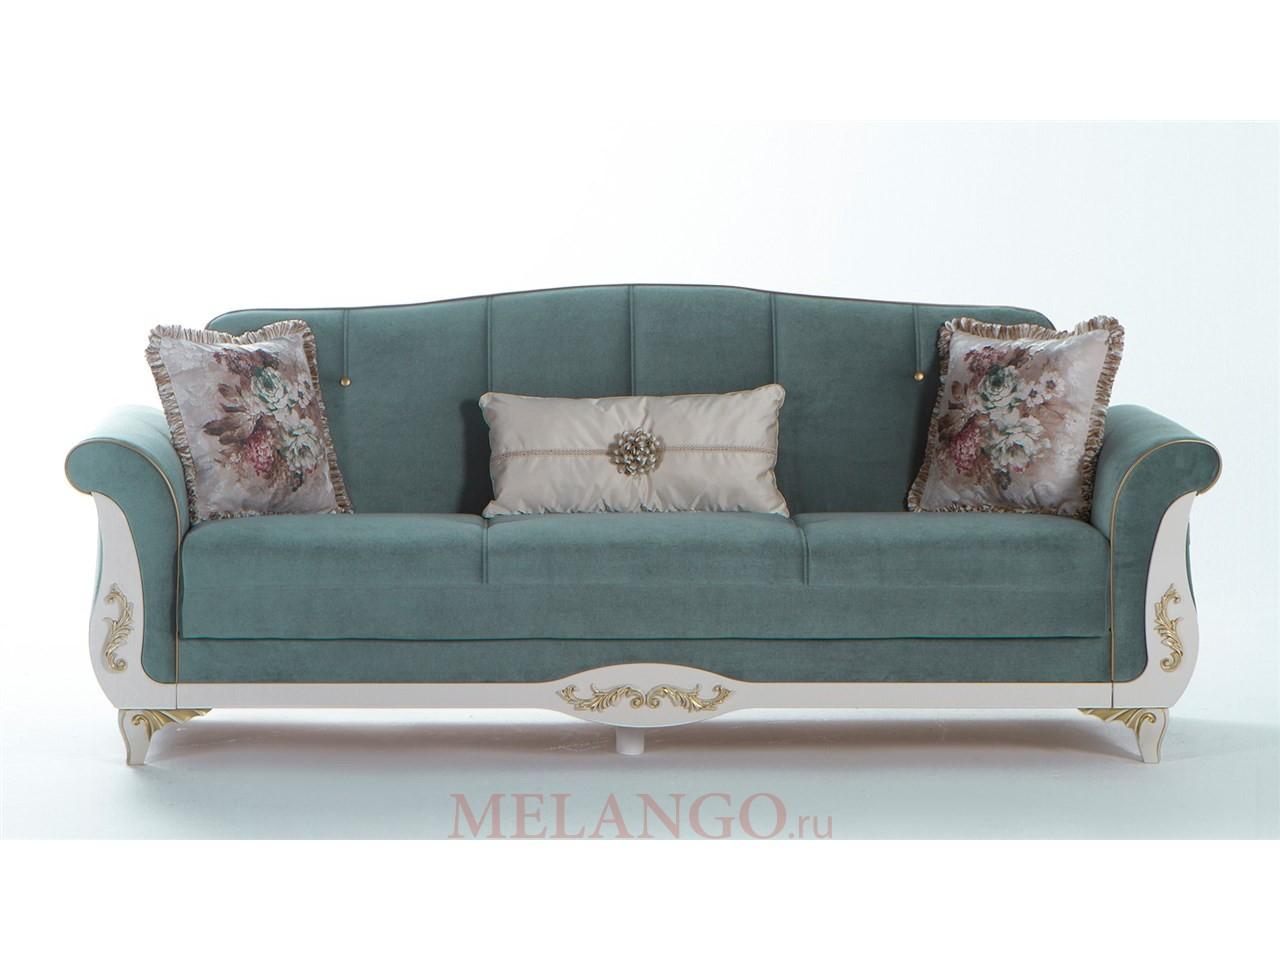 Трехместный диван-кровать Астория (Astoria) Беллона